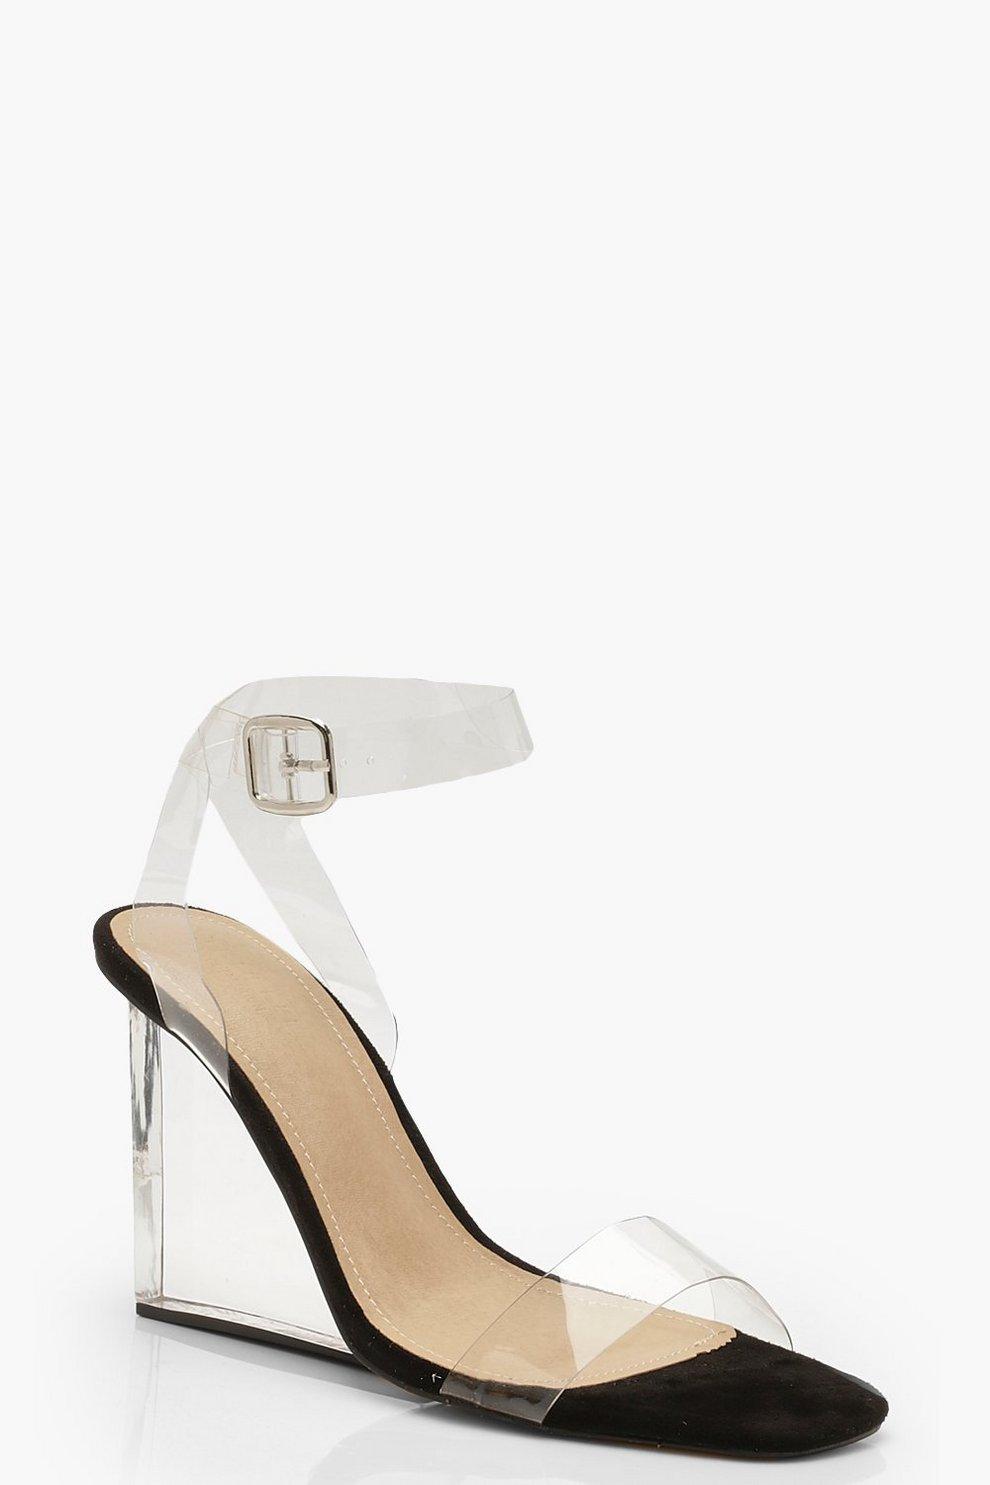 nouvelle collection divers styles premier coup d'oeil Chaussures compensées transparentes en 2 parties